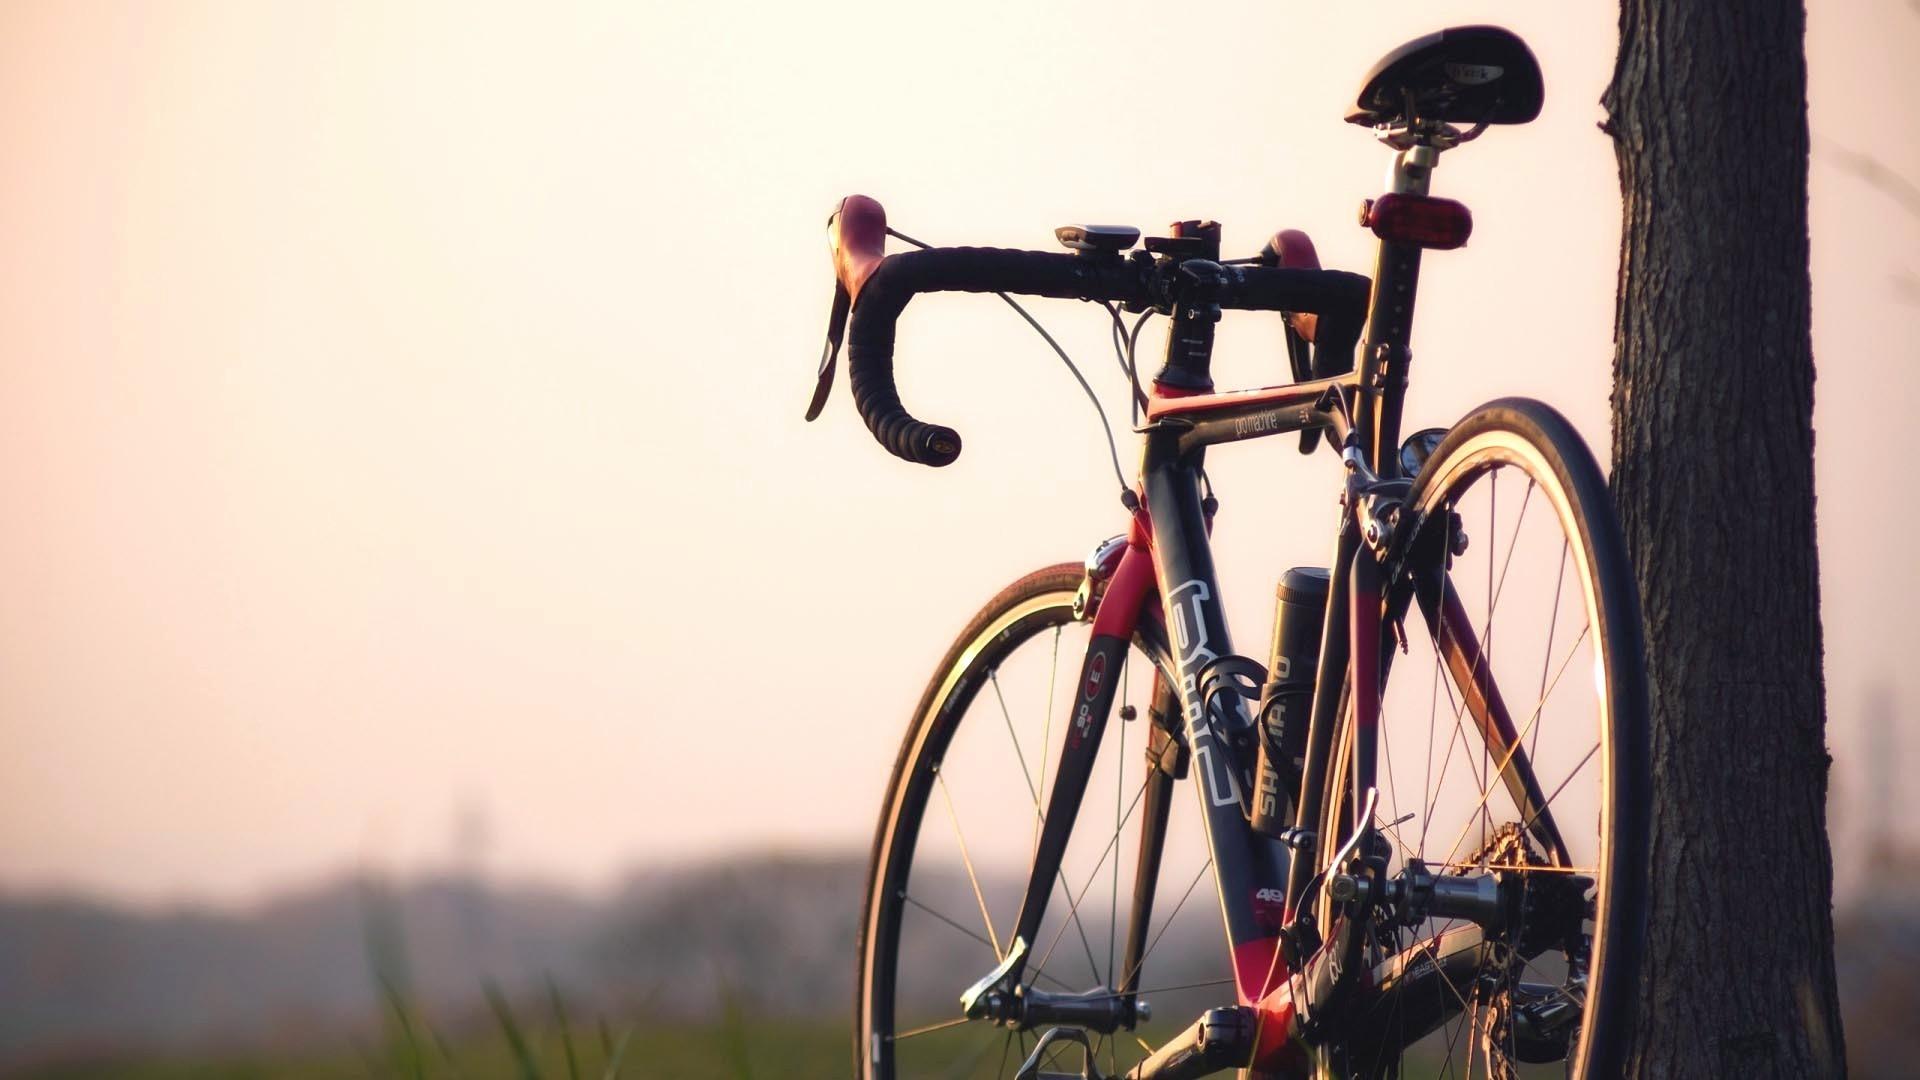 شناخت انواع دوچرخه موجود  در جهان